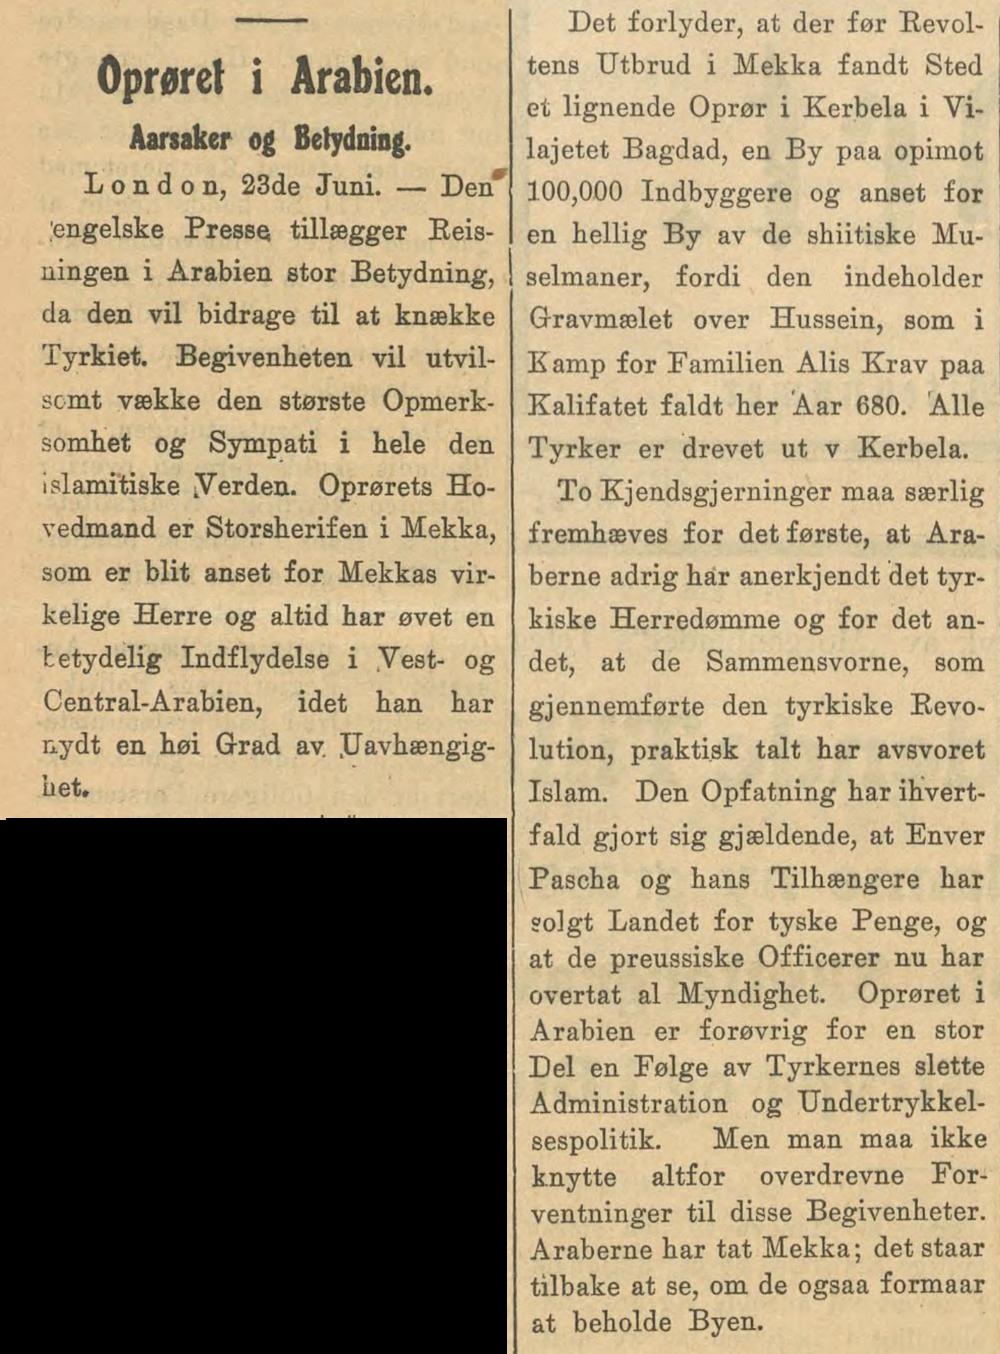 Morgenbladet  (Aften), 23. juni 1916